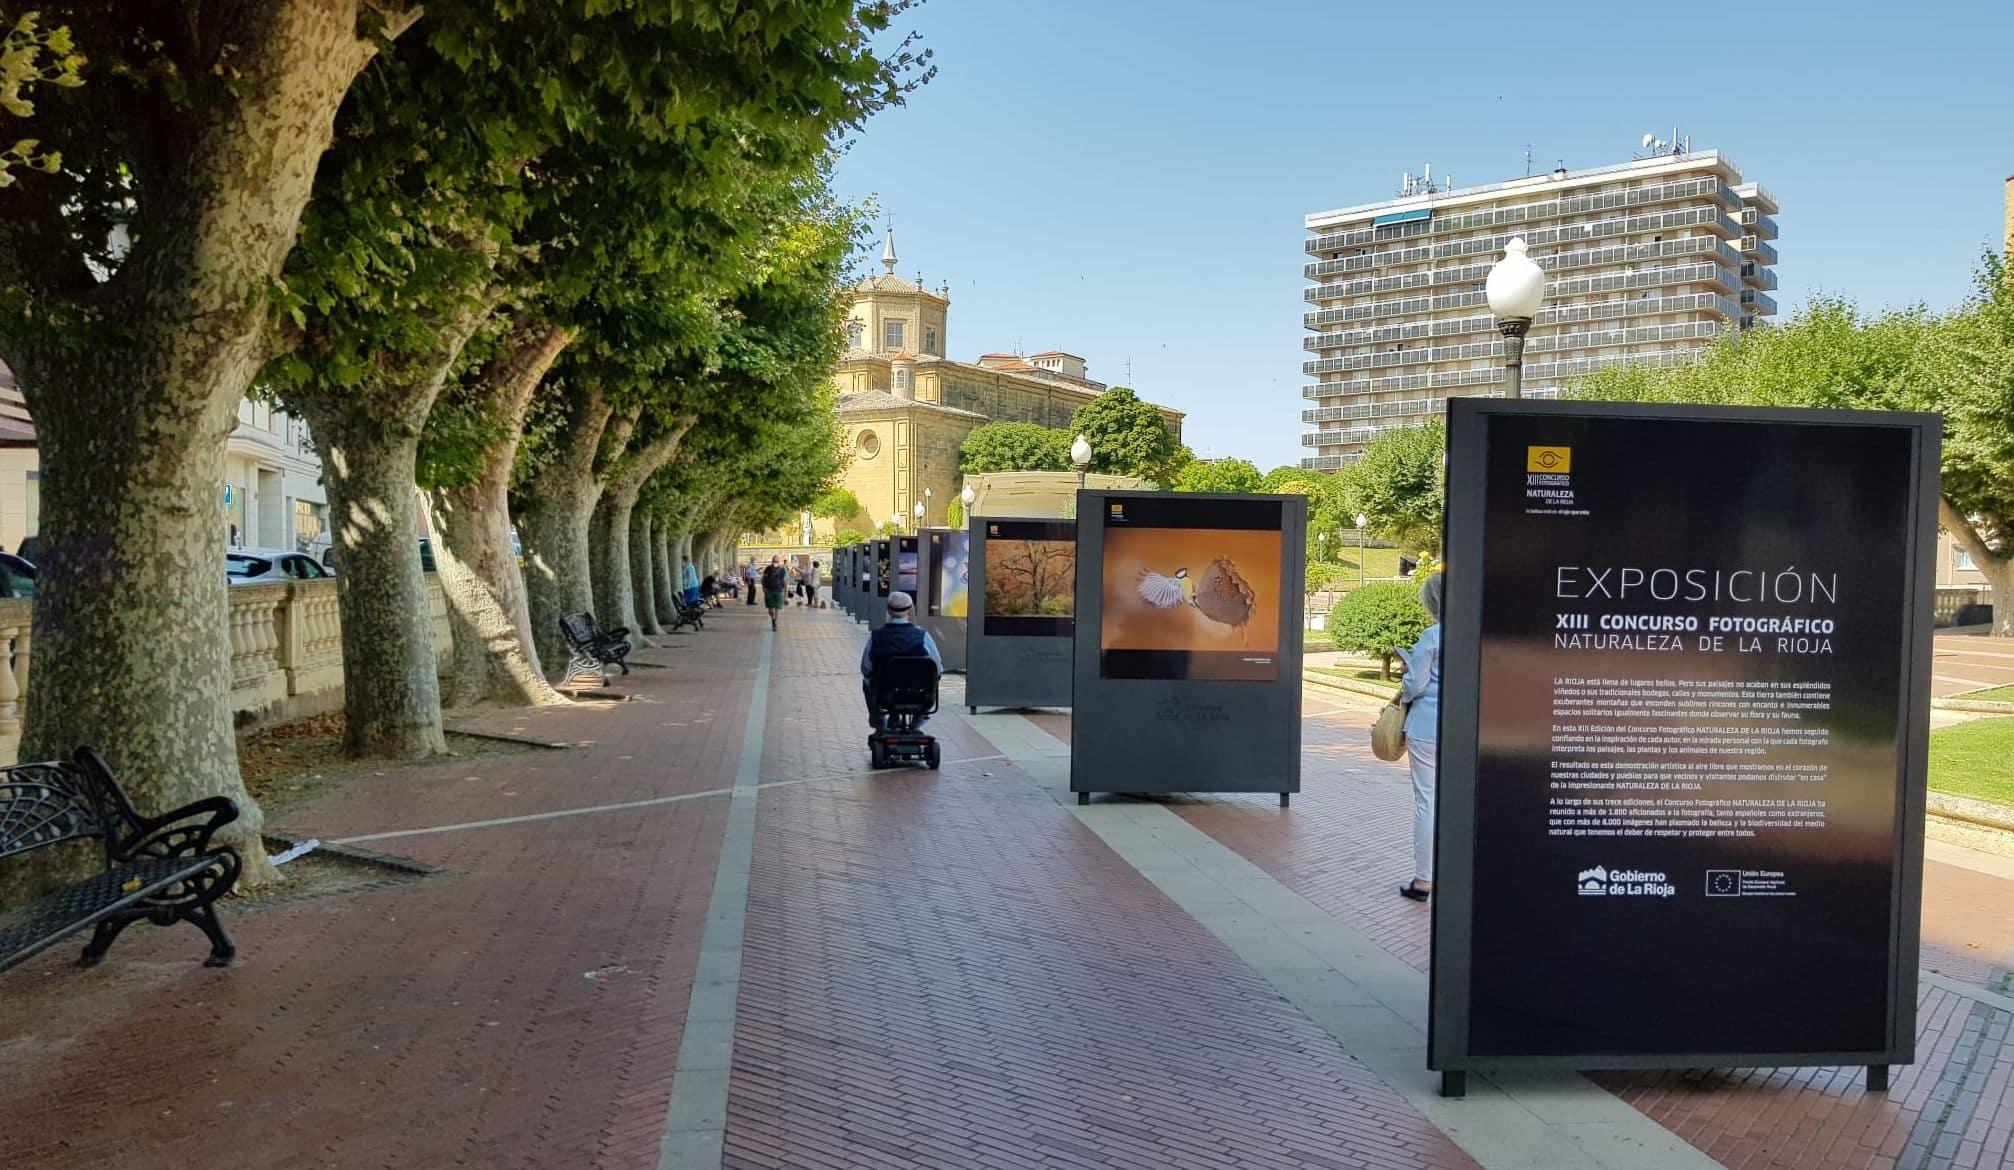 Haro exhibe la muestra fotográfica al aire libre 'Naturaleza de La Rioja' 1